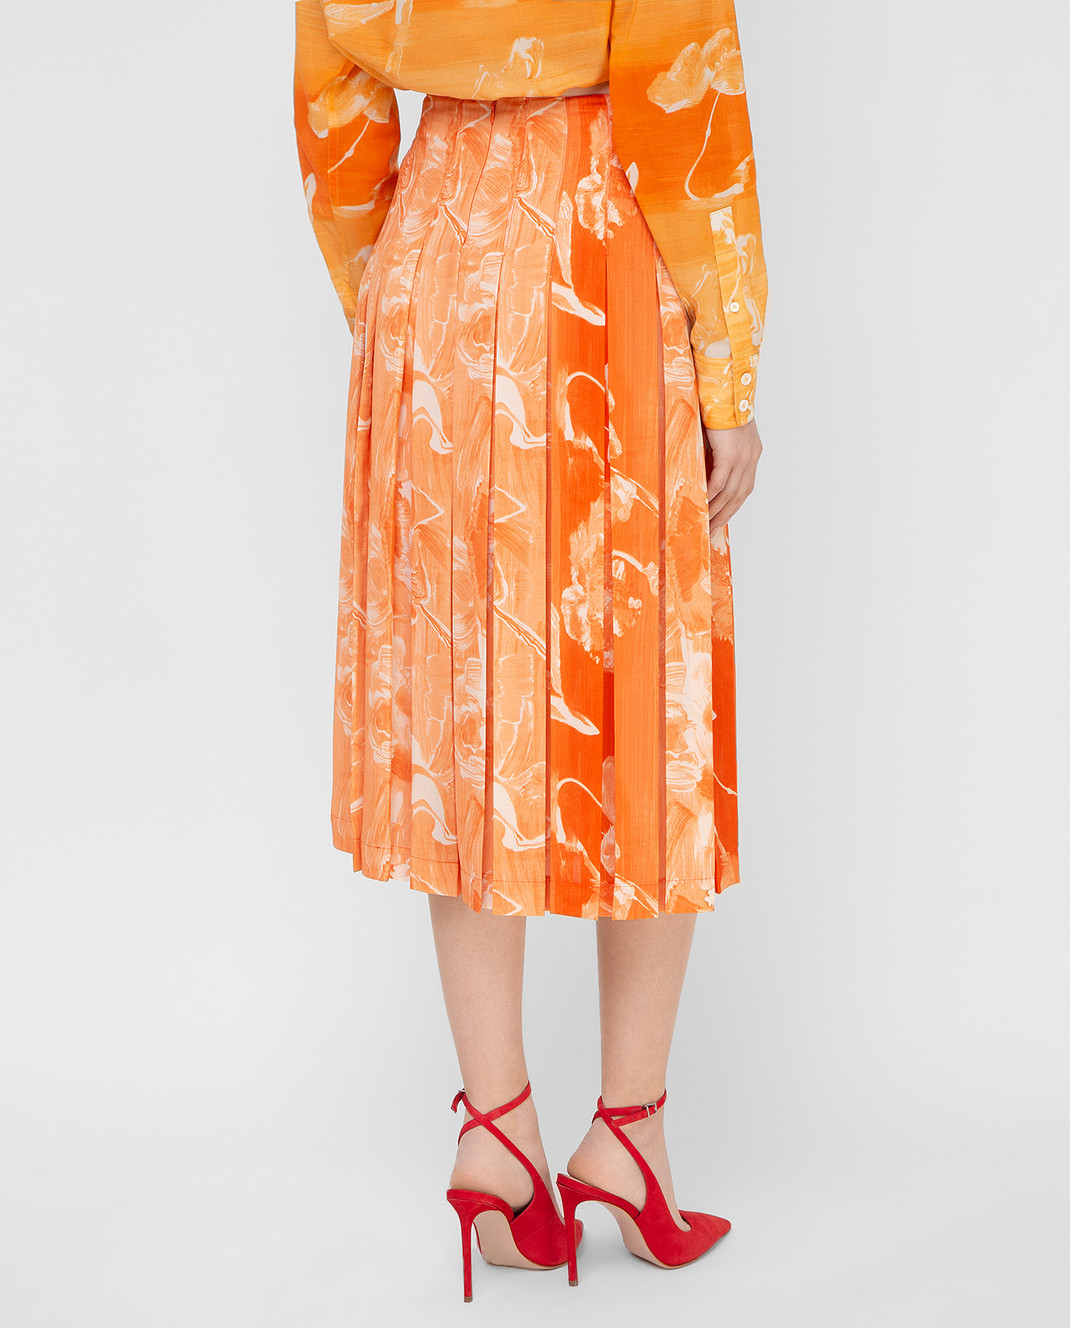 Victoria Beckham Оранжевая юбка SKMID3313 изображение 4